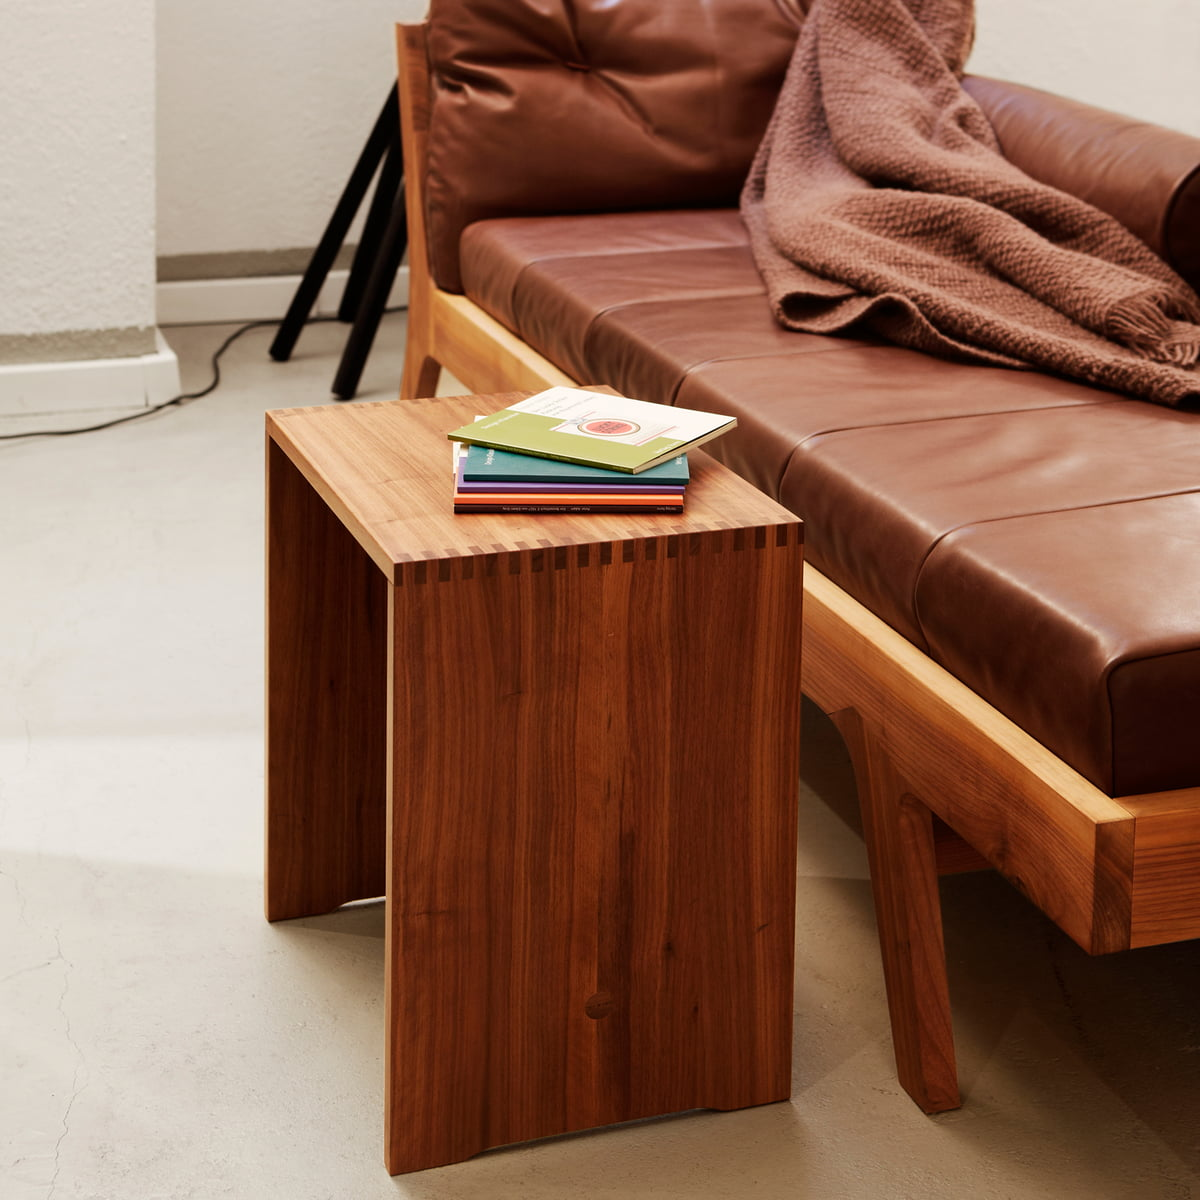 ulmer hocker nussbaum von max bill. Black Bedroom Furniture Sets. Home Design Ideas